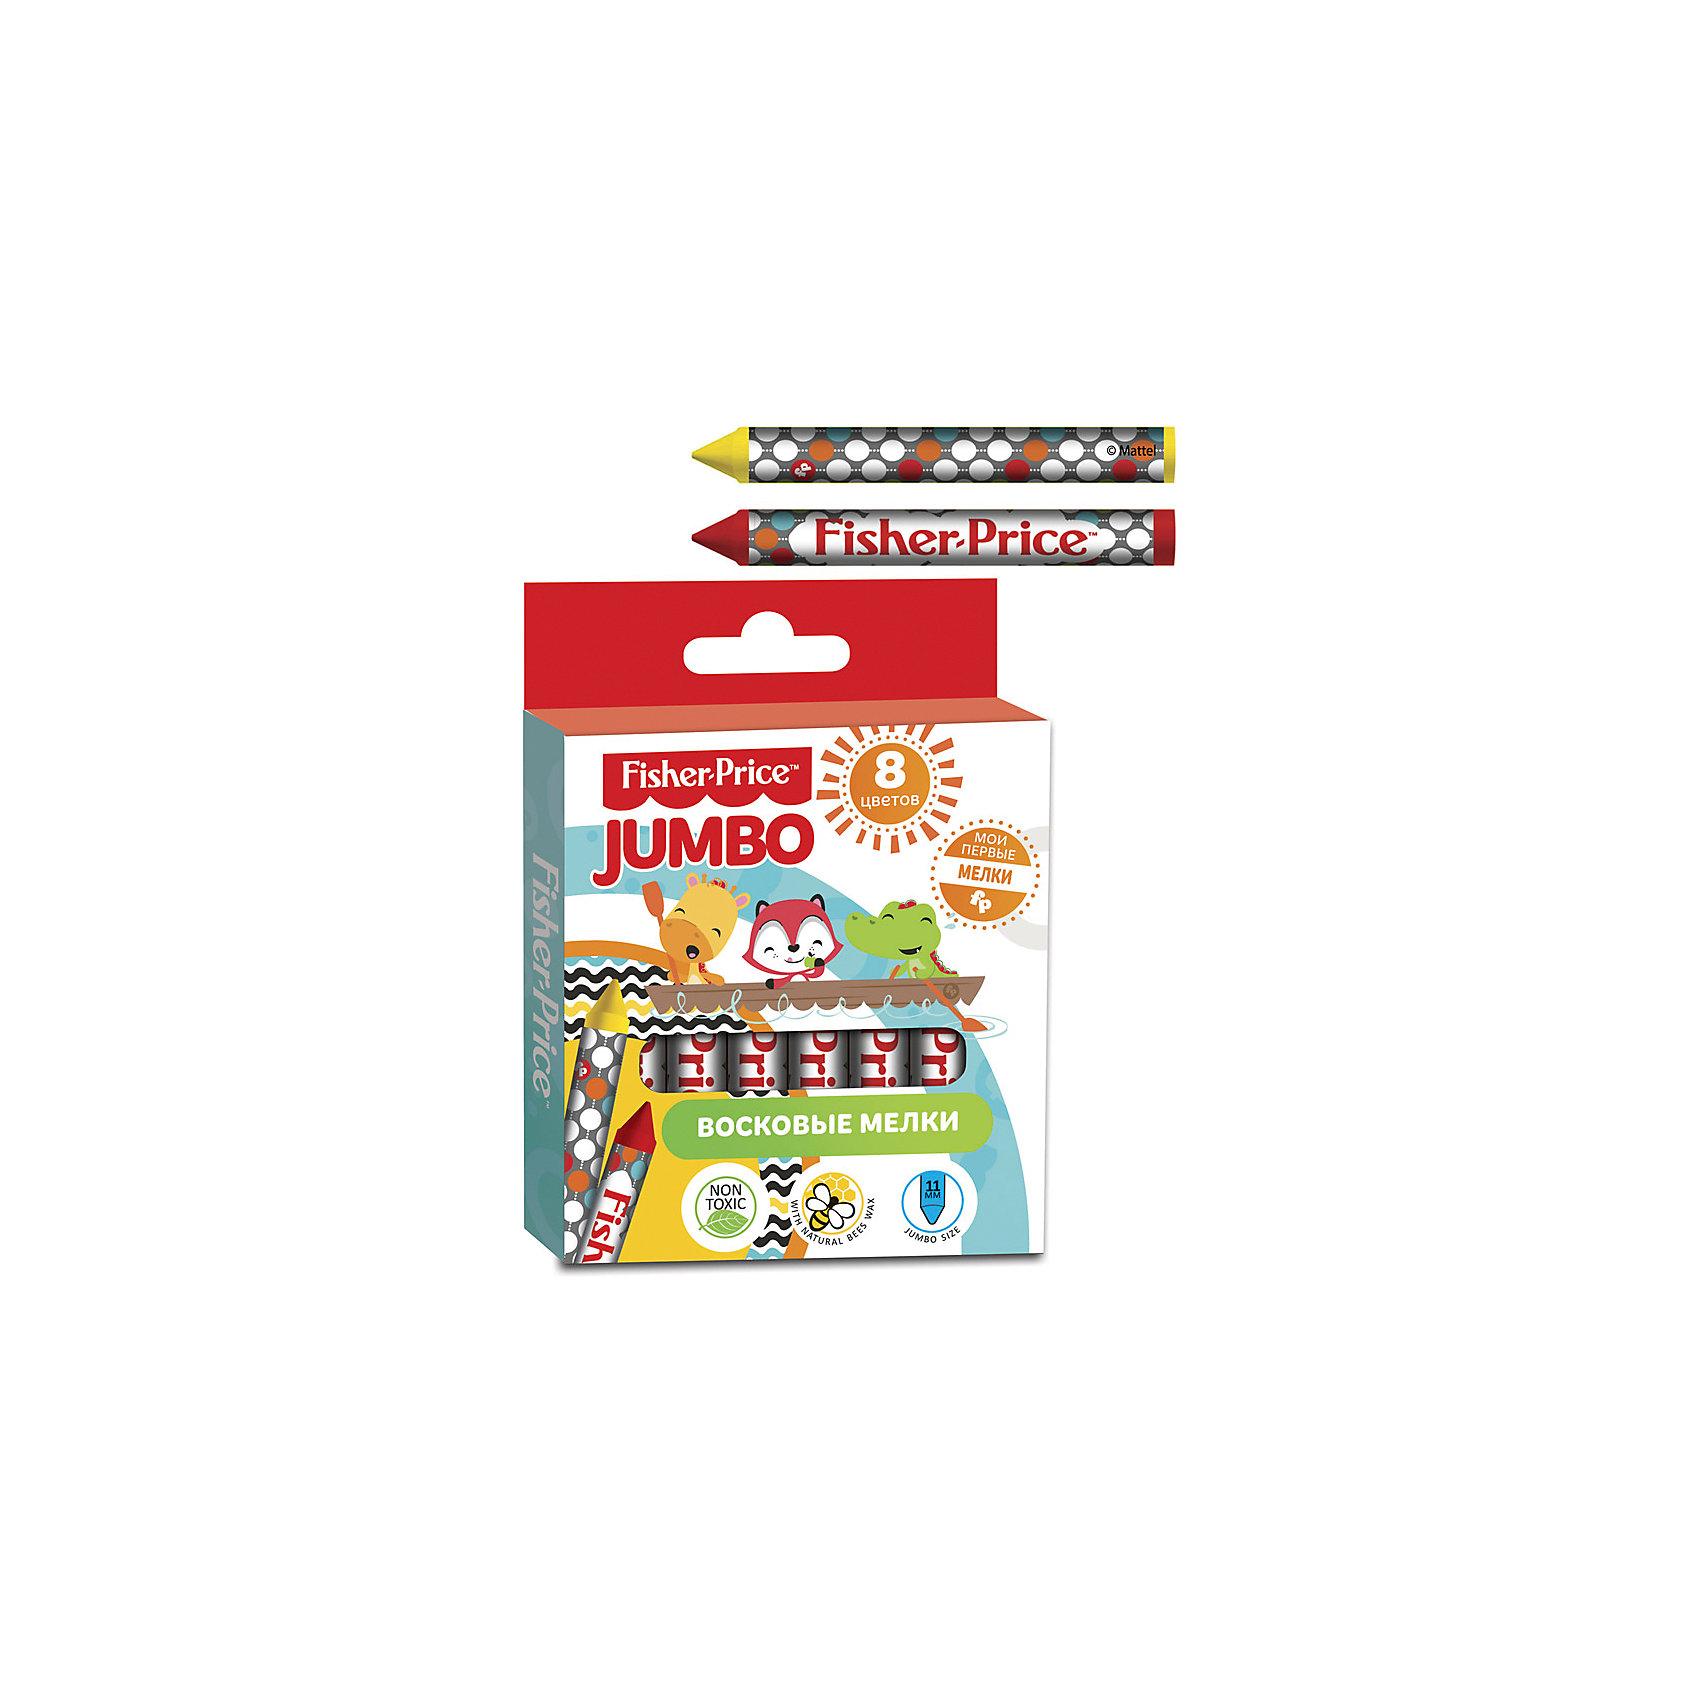 Восковые мелки JUMBO 8 цветов, Fisher PriceМасляные и восковые мелки<br>Характеристики восковых мелков JUMBO 8 цветов, Fisher Price:<br><br>• тип: мелки<br>• состав: воск 100%<br>• тип мелка: восковые<br>• вид упаковки: коробка<br>• размер упаковки: 10х9.2х1.2 см<br>• количество: в упаковке: 8 шт.<br>• страна бренда: США<br>• страна производитель: Китай<br><br>Восковые мелки JUMBO 8 цветов, Fisher Price можно купить в нашем интернет-магазине.<br><br>Ширина мм: 125<br>Глубина мм: 120<br>Высота мм: 92<br>Вес г: 97<br>Возраст от месяцев: 1<br>Возраст до месяцев: 48<br>Пол: Унисекс<br>Возраст: Детский<br>SKU: 5475457